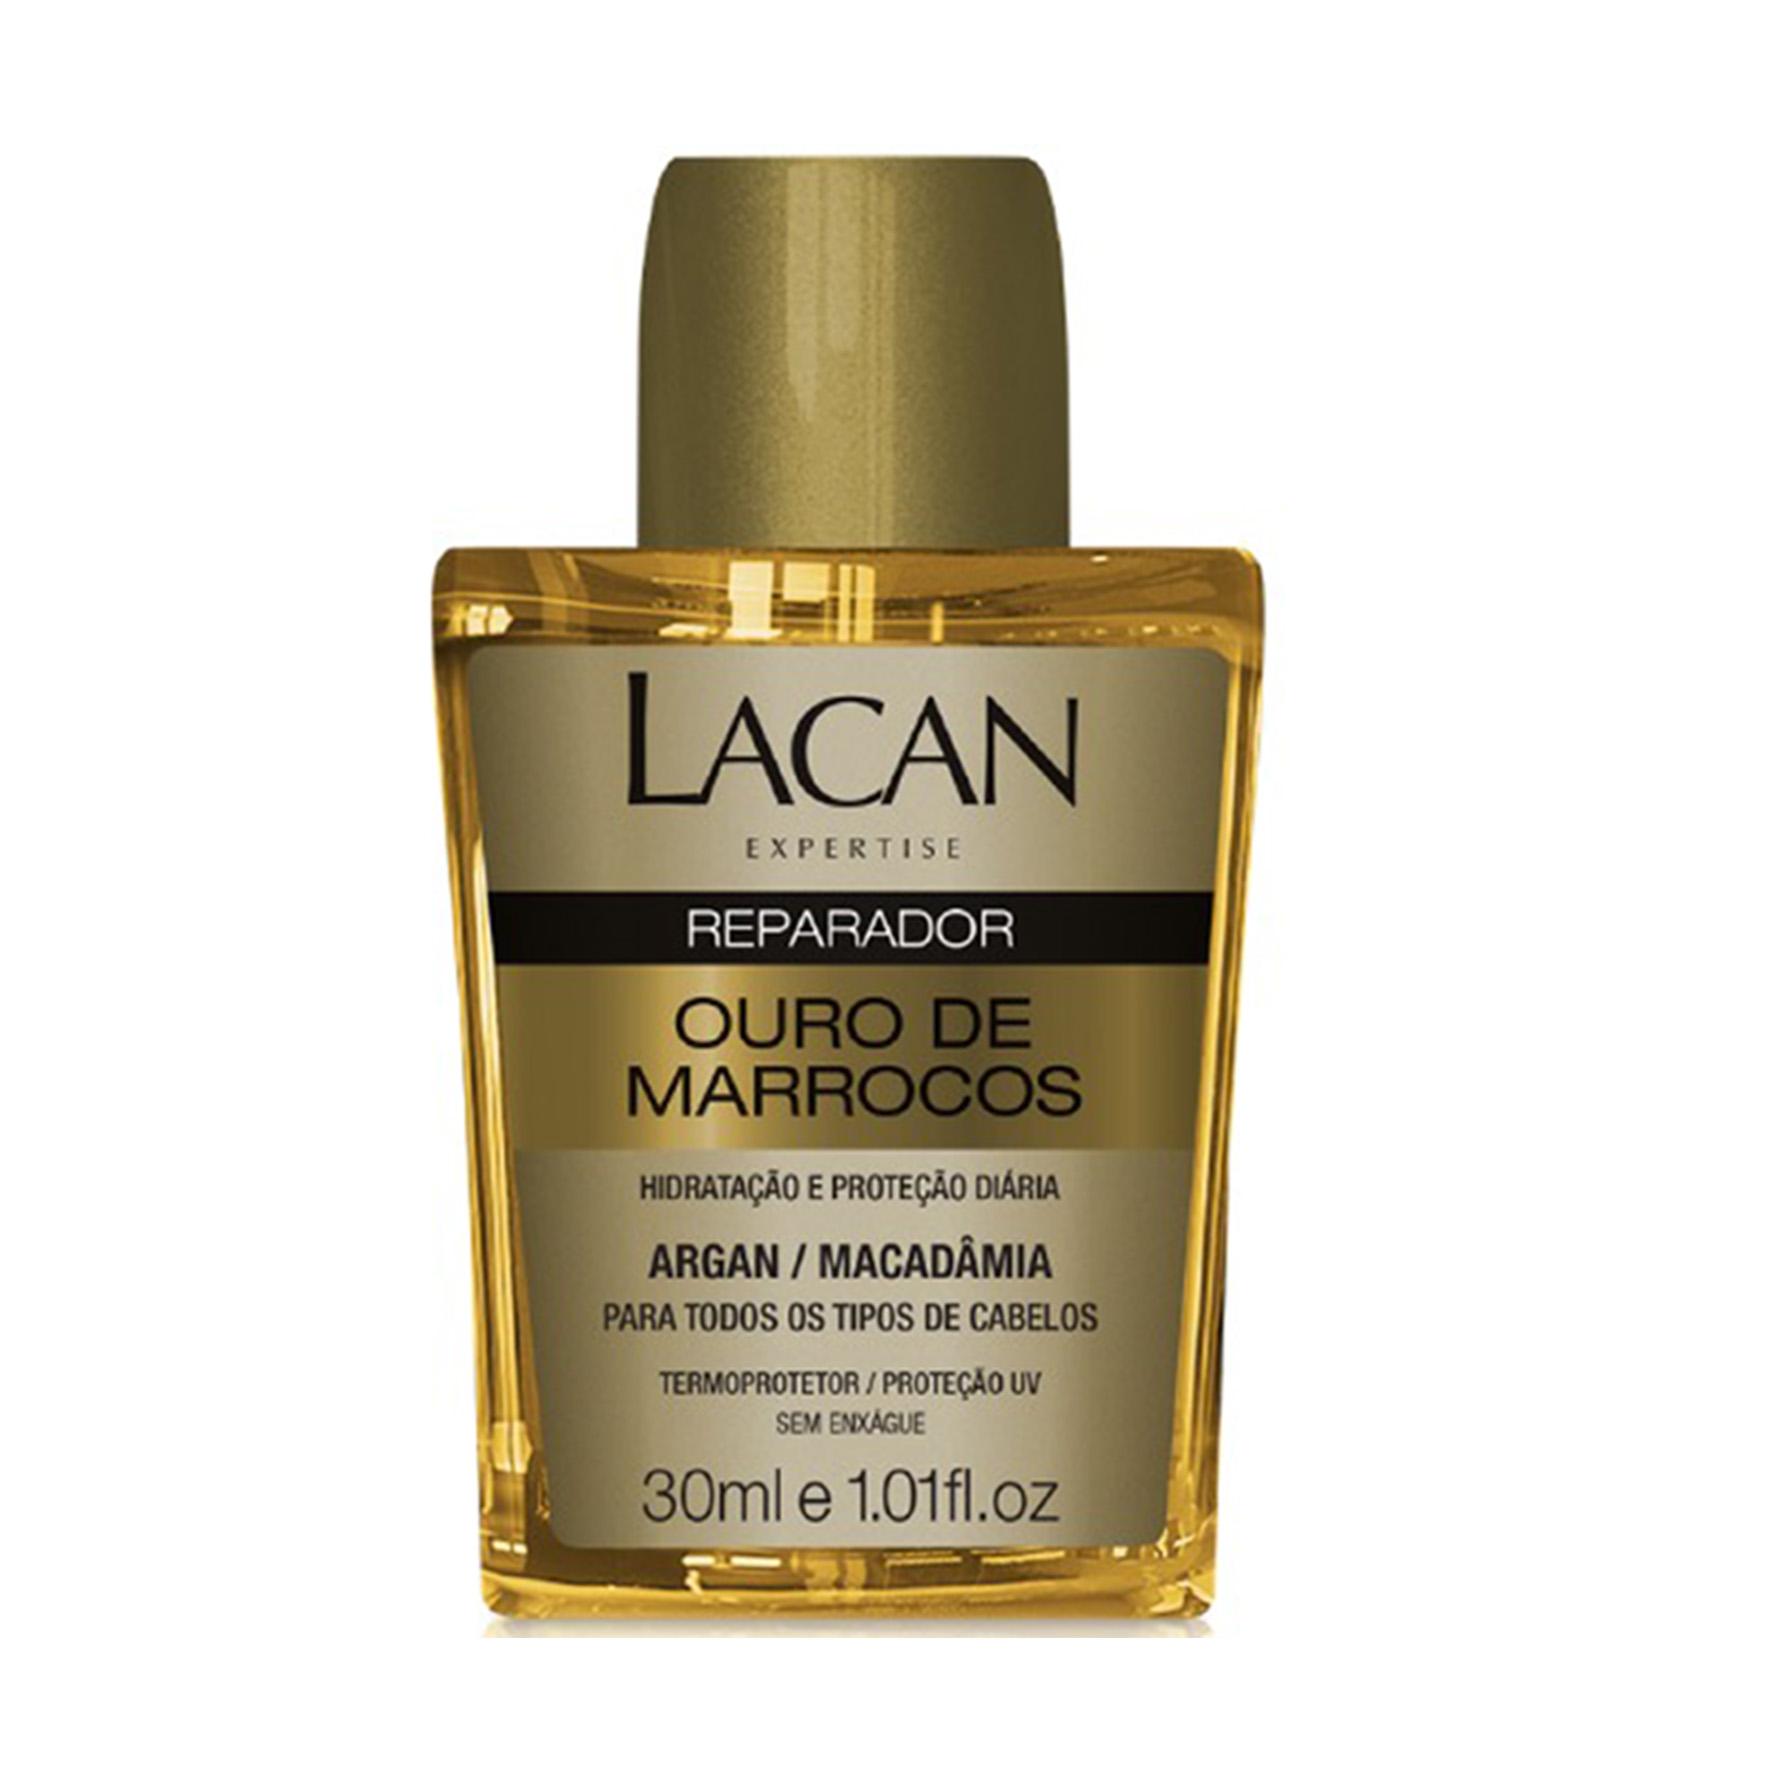 Reparador Ouro de Marrocos Lacan 30ml